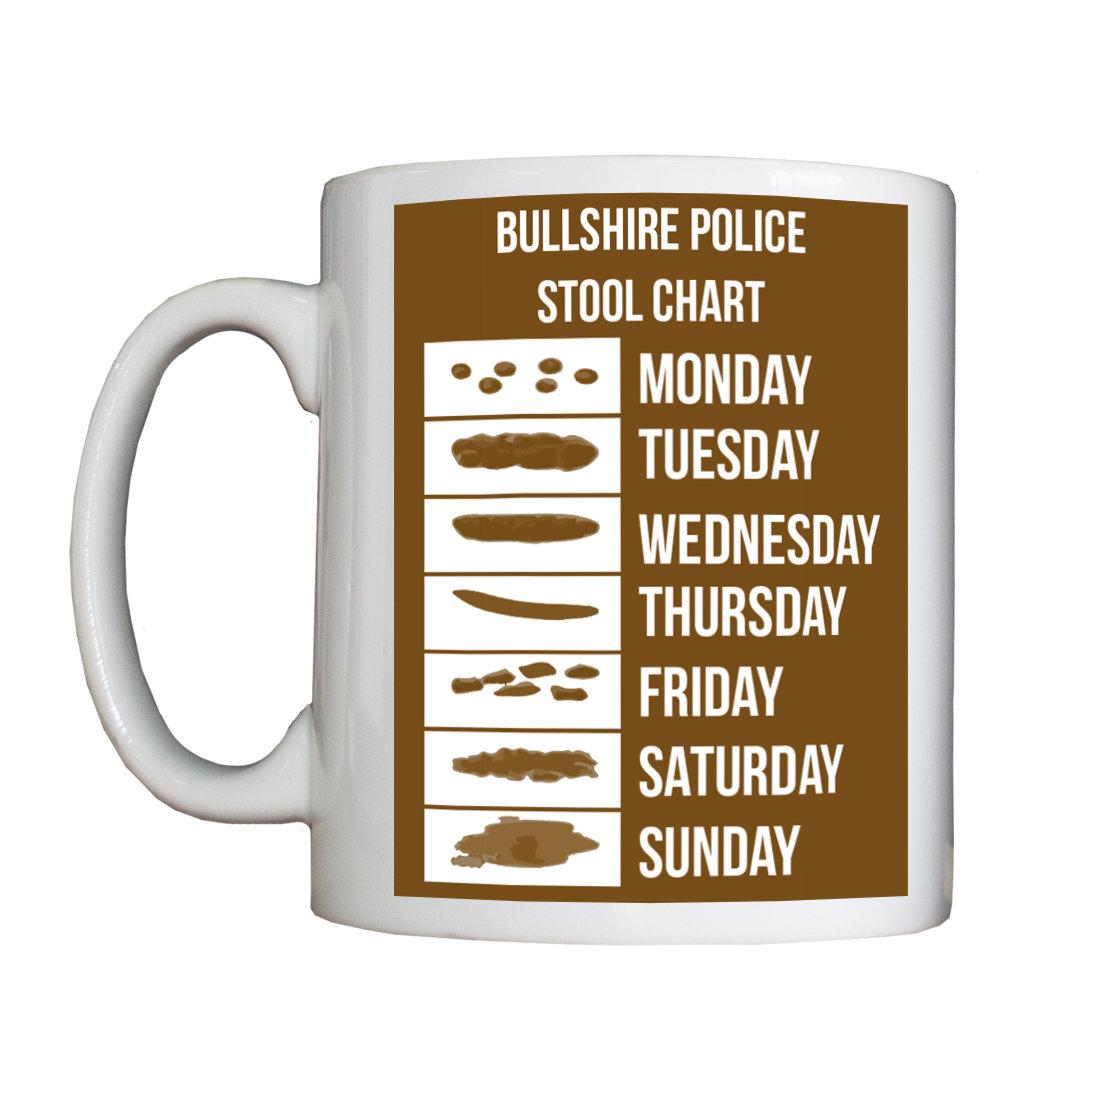 Personalised 'Bullshire Stool Chart' Mug StoolChartMug